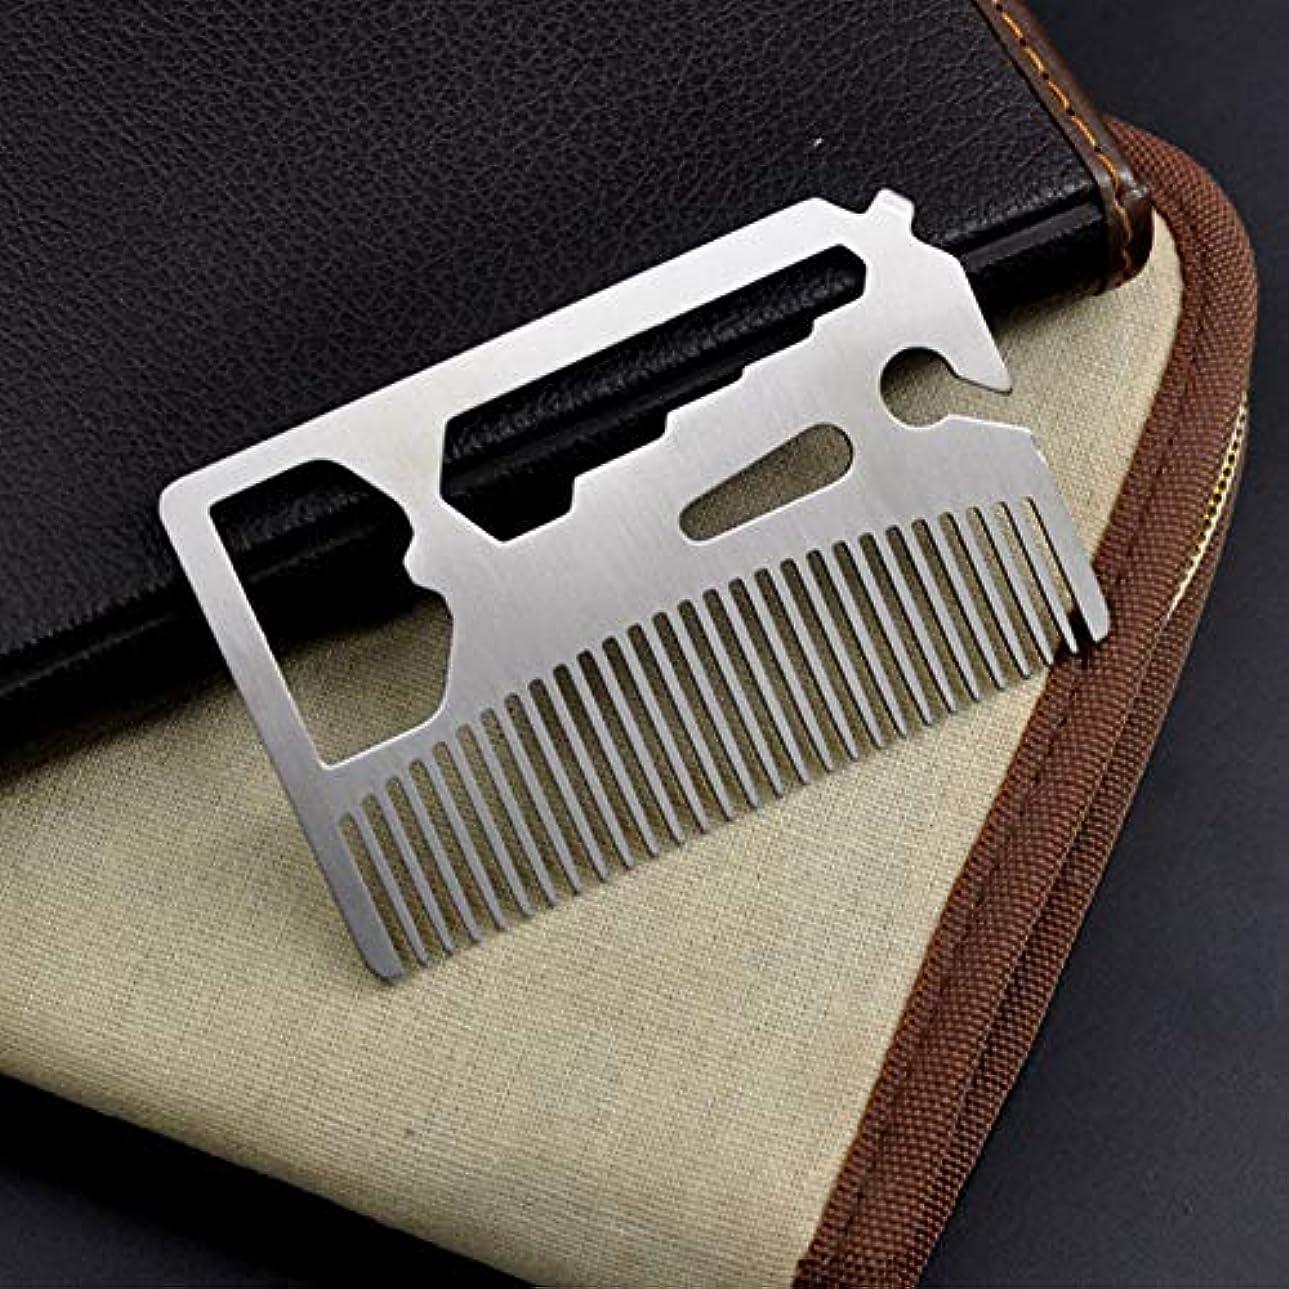 動かない当社センチメンタルACHICOO 多機能ヘアブラシ ひげくし ステンレス鋼 栓抜き 髭櫛 金属 プラスチック 折りたたみ 男性 髪髭トリムツール 銀